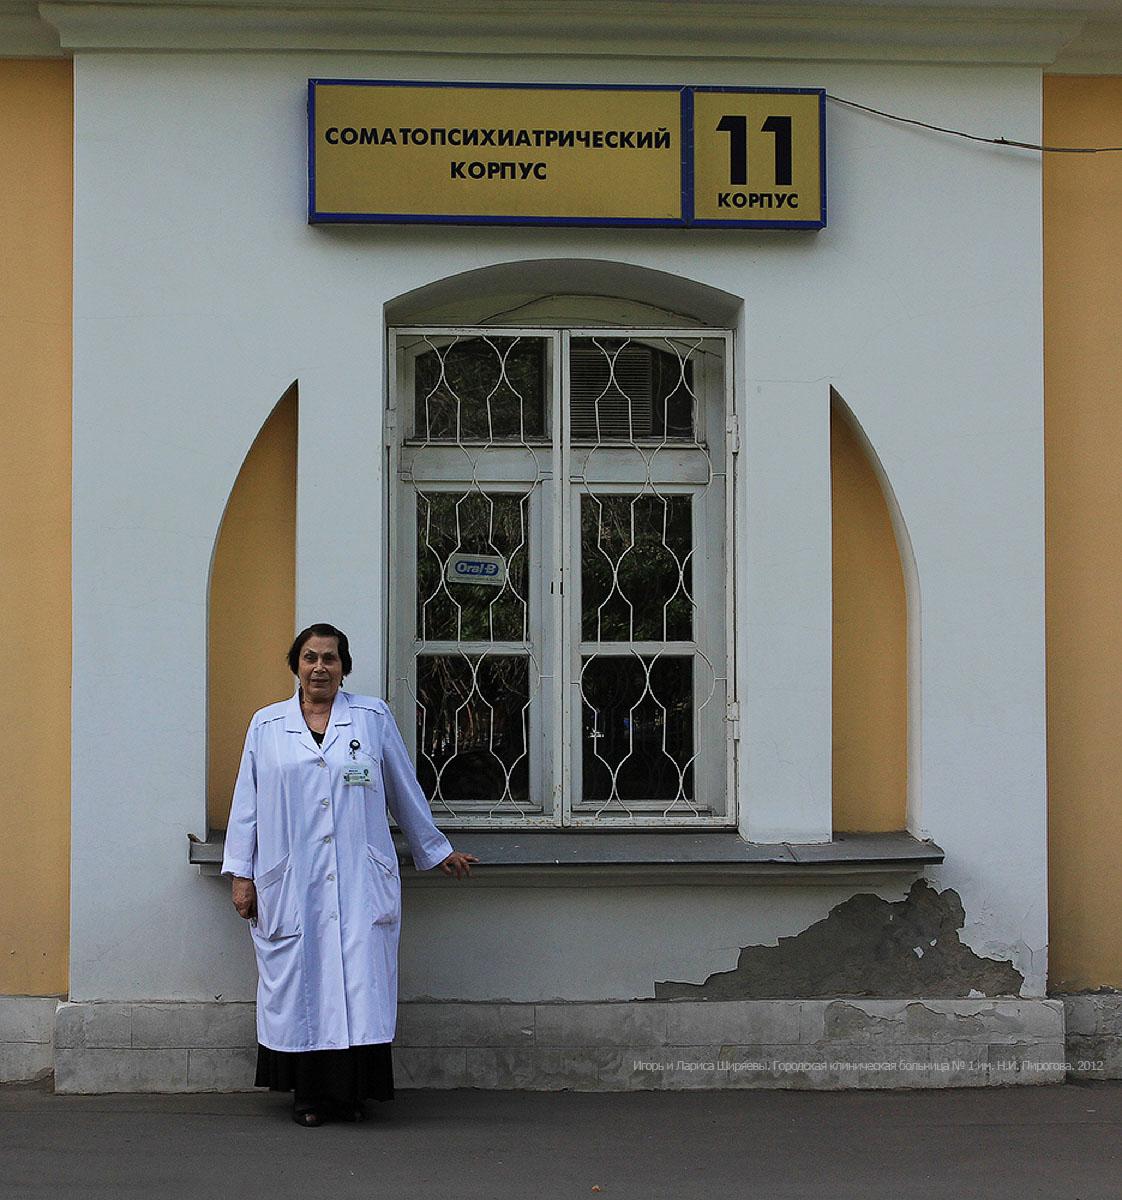 1-ая градская больница 10 корпус вязать